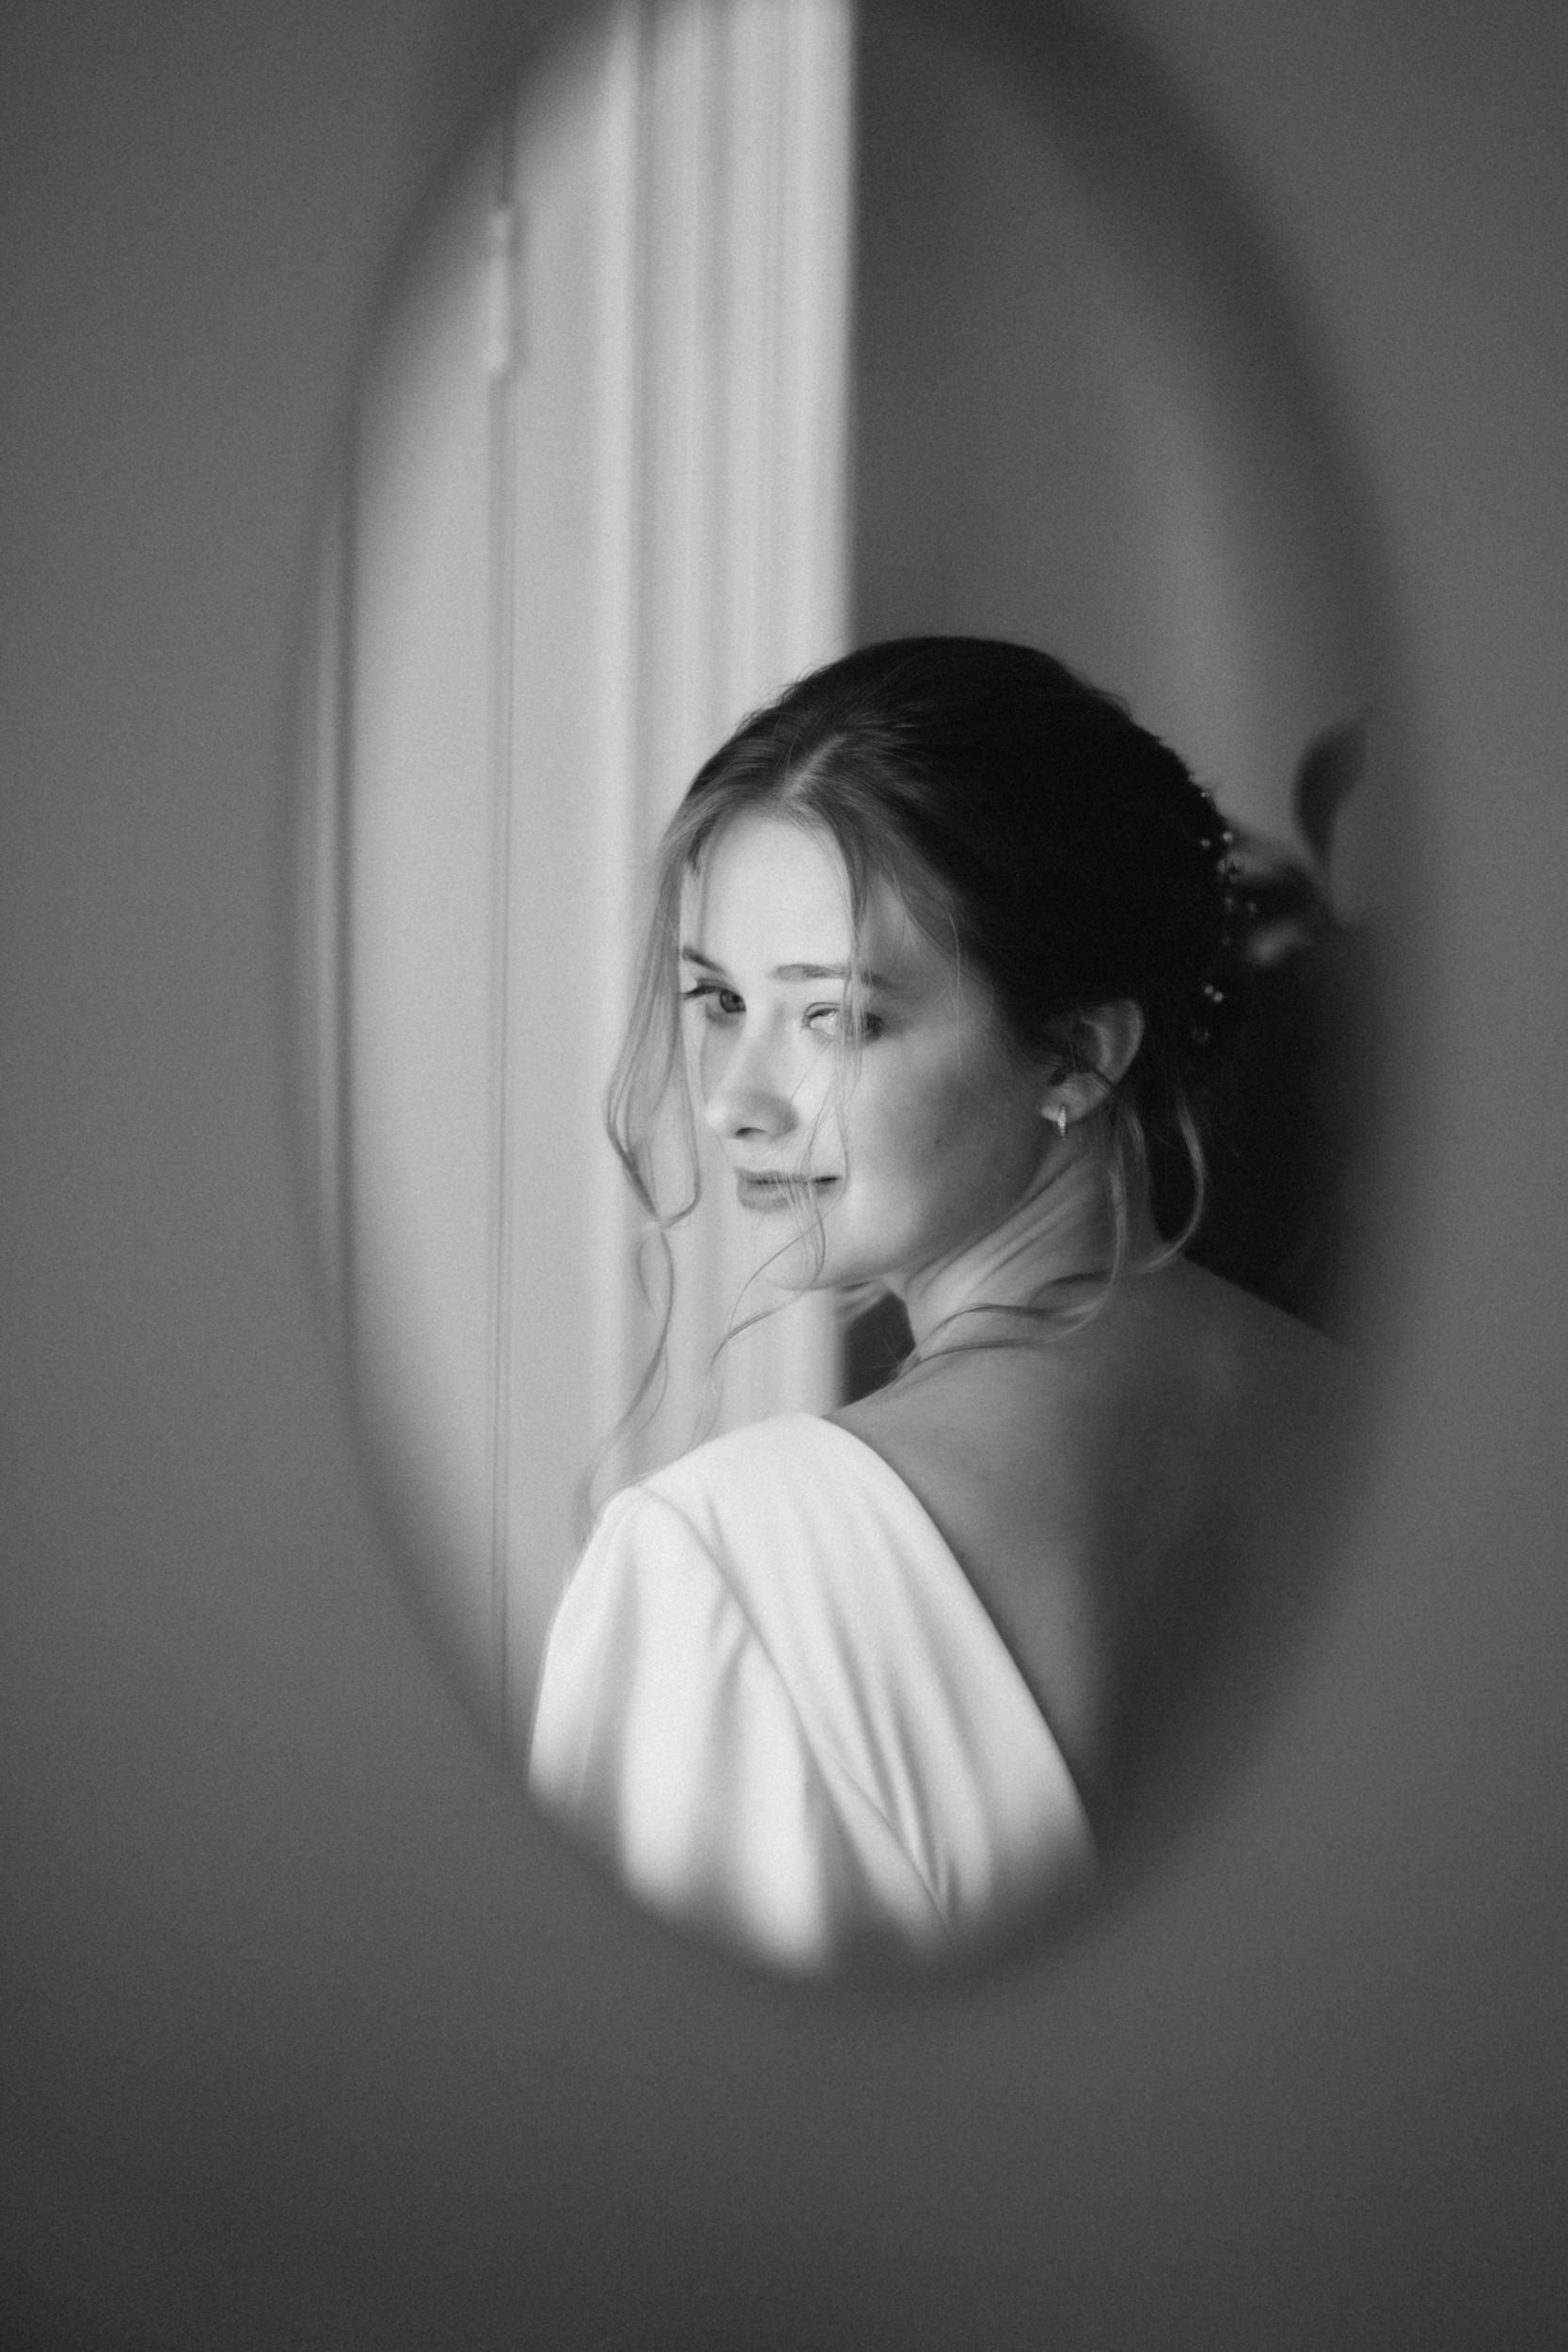 bride in oval mirror black and white portrait